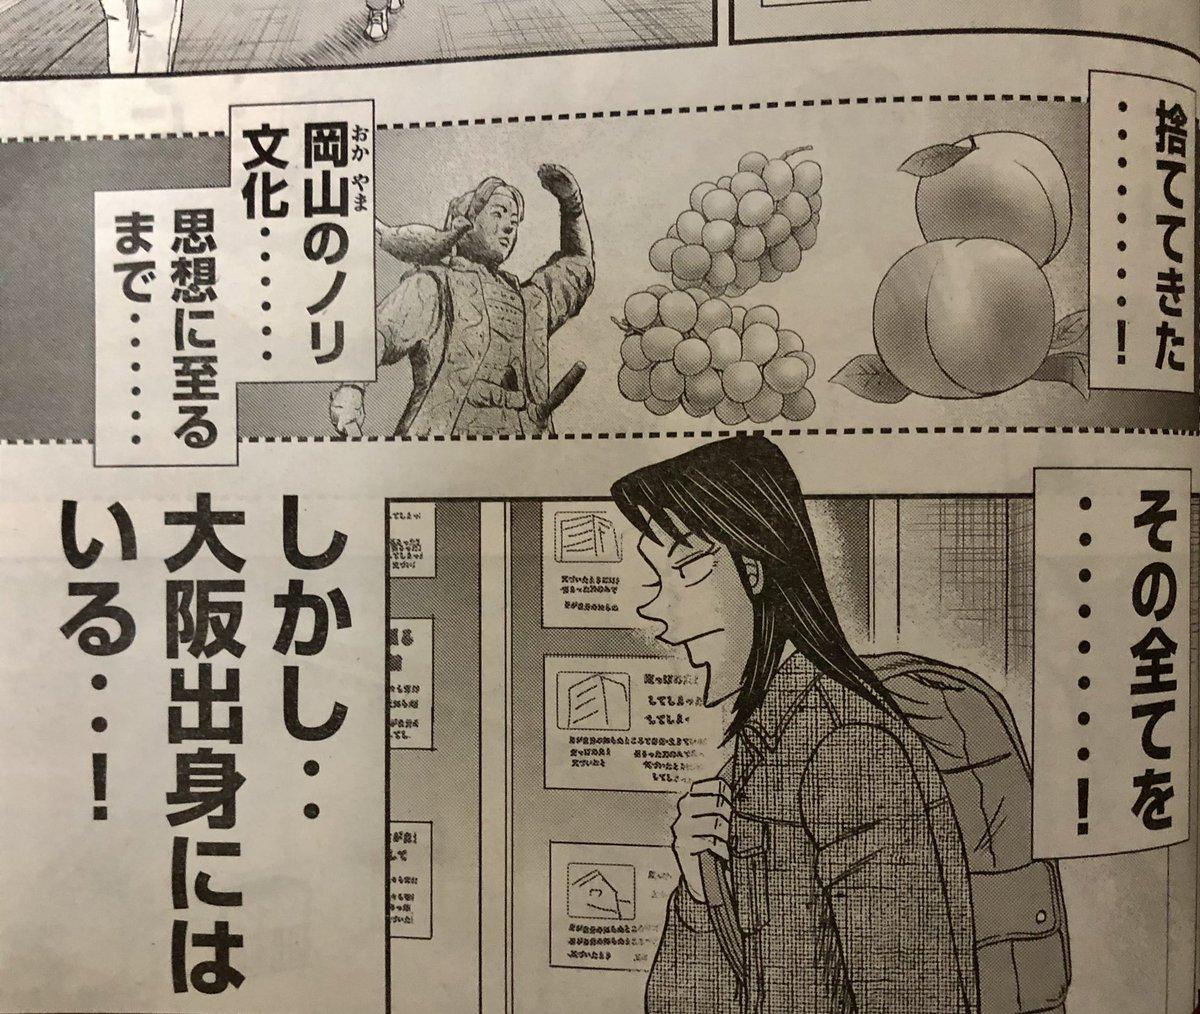 モーニングの最新号 イチジョウに出てくる大阪人の話が、あるある過ぎて辛かった